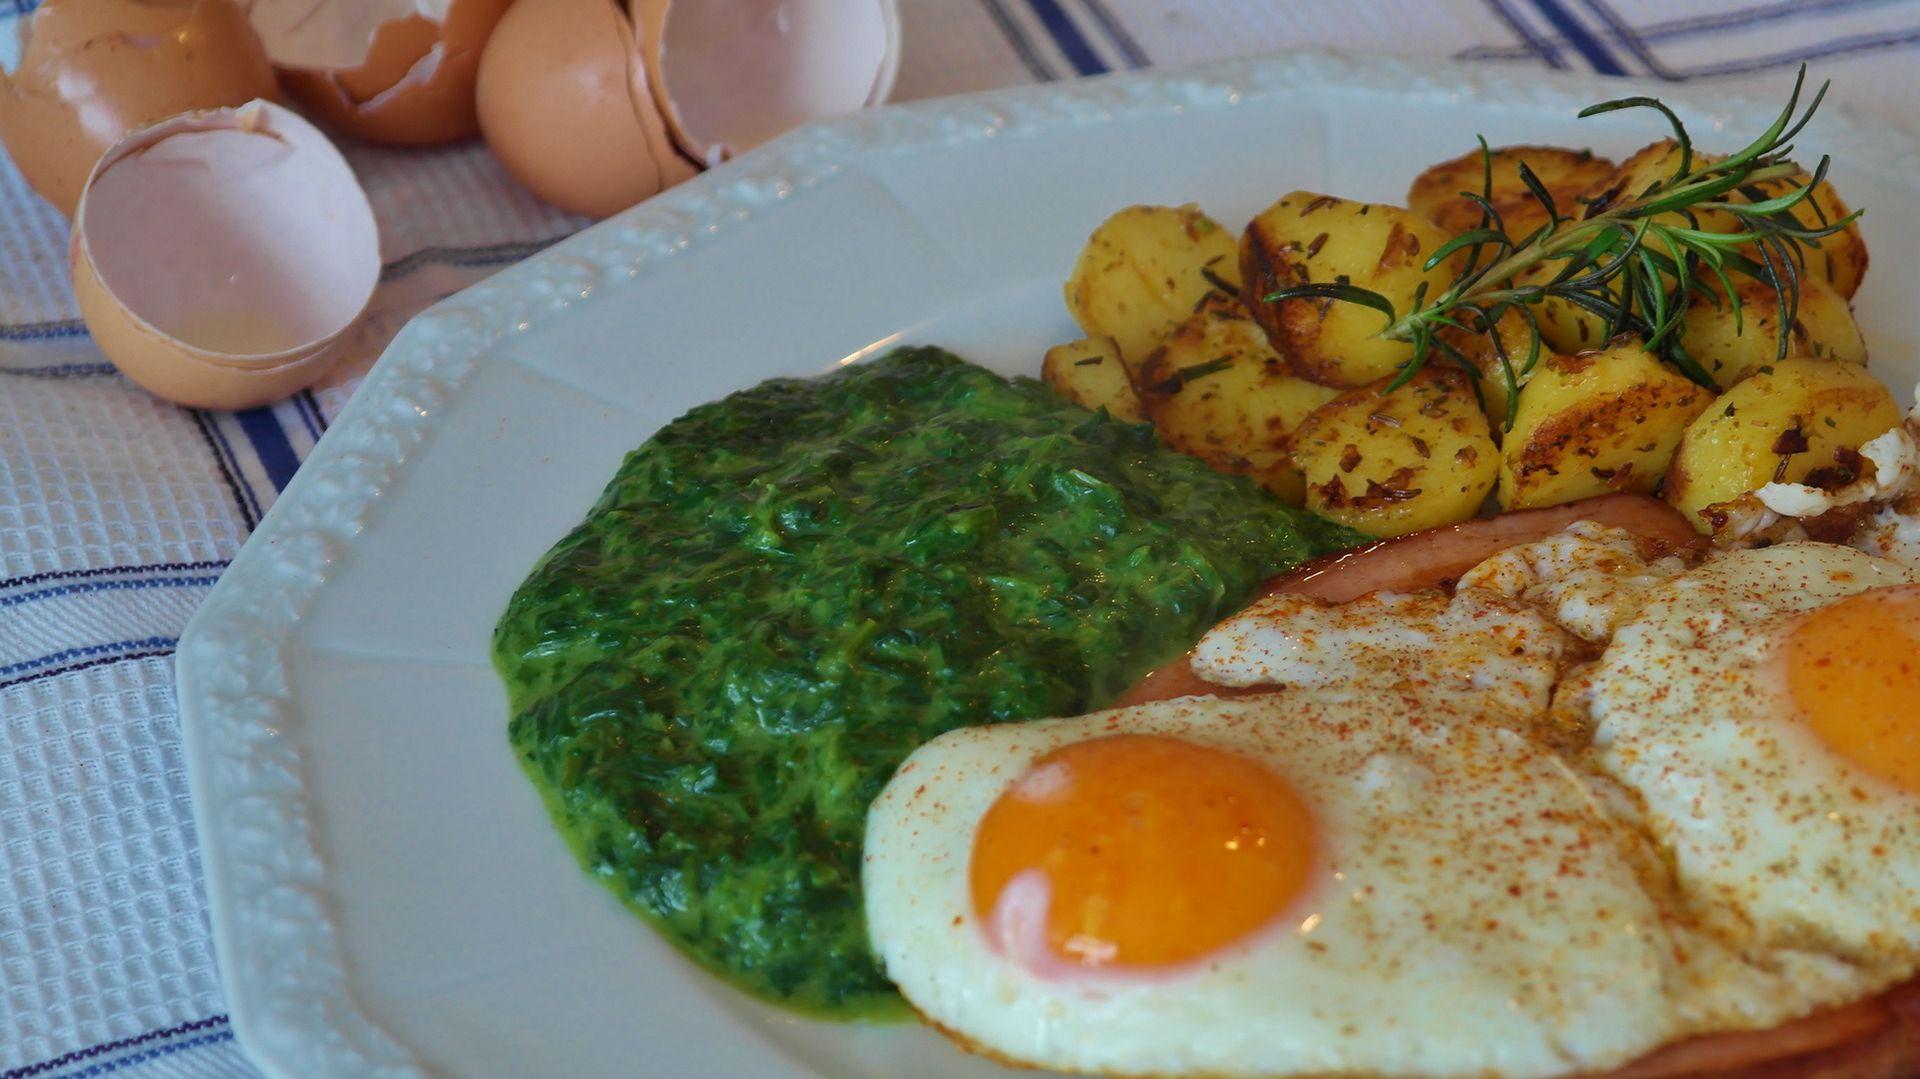 Z dvema jajcema in špinačo lahko pokrijemo polovico dnevnih potreb po magneziju. Športnik mora seveda dodati še kako jajce in dodatno žlico zelenjave.